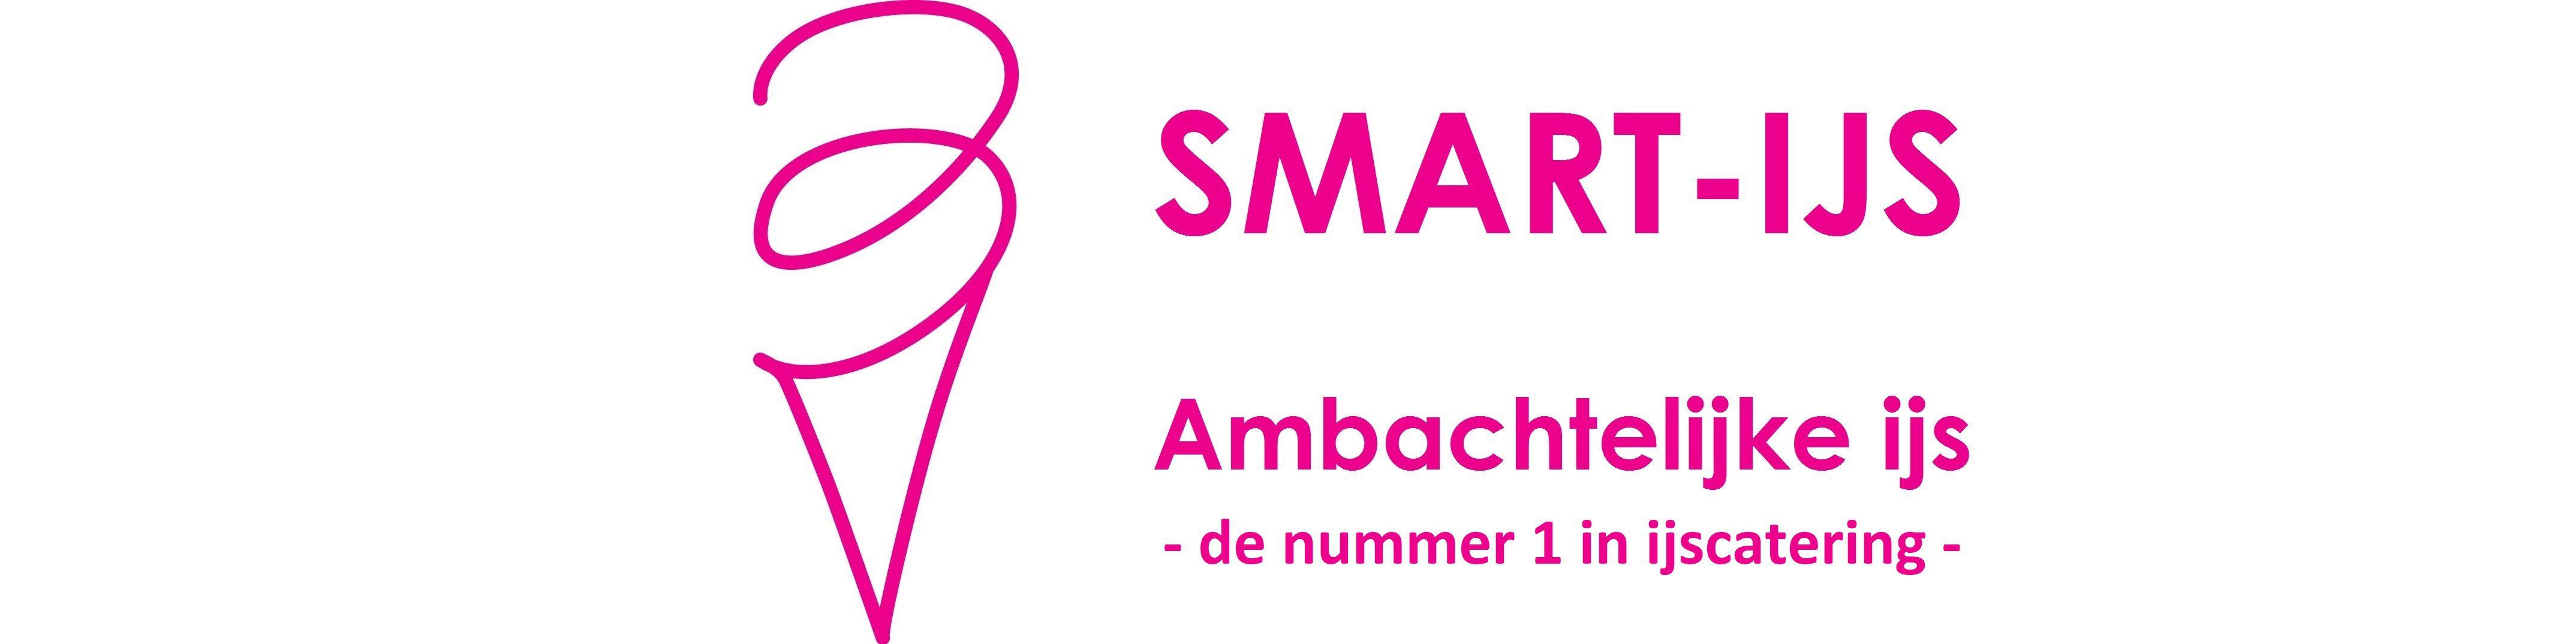 Smart-ijs